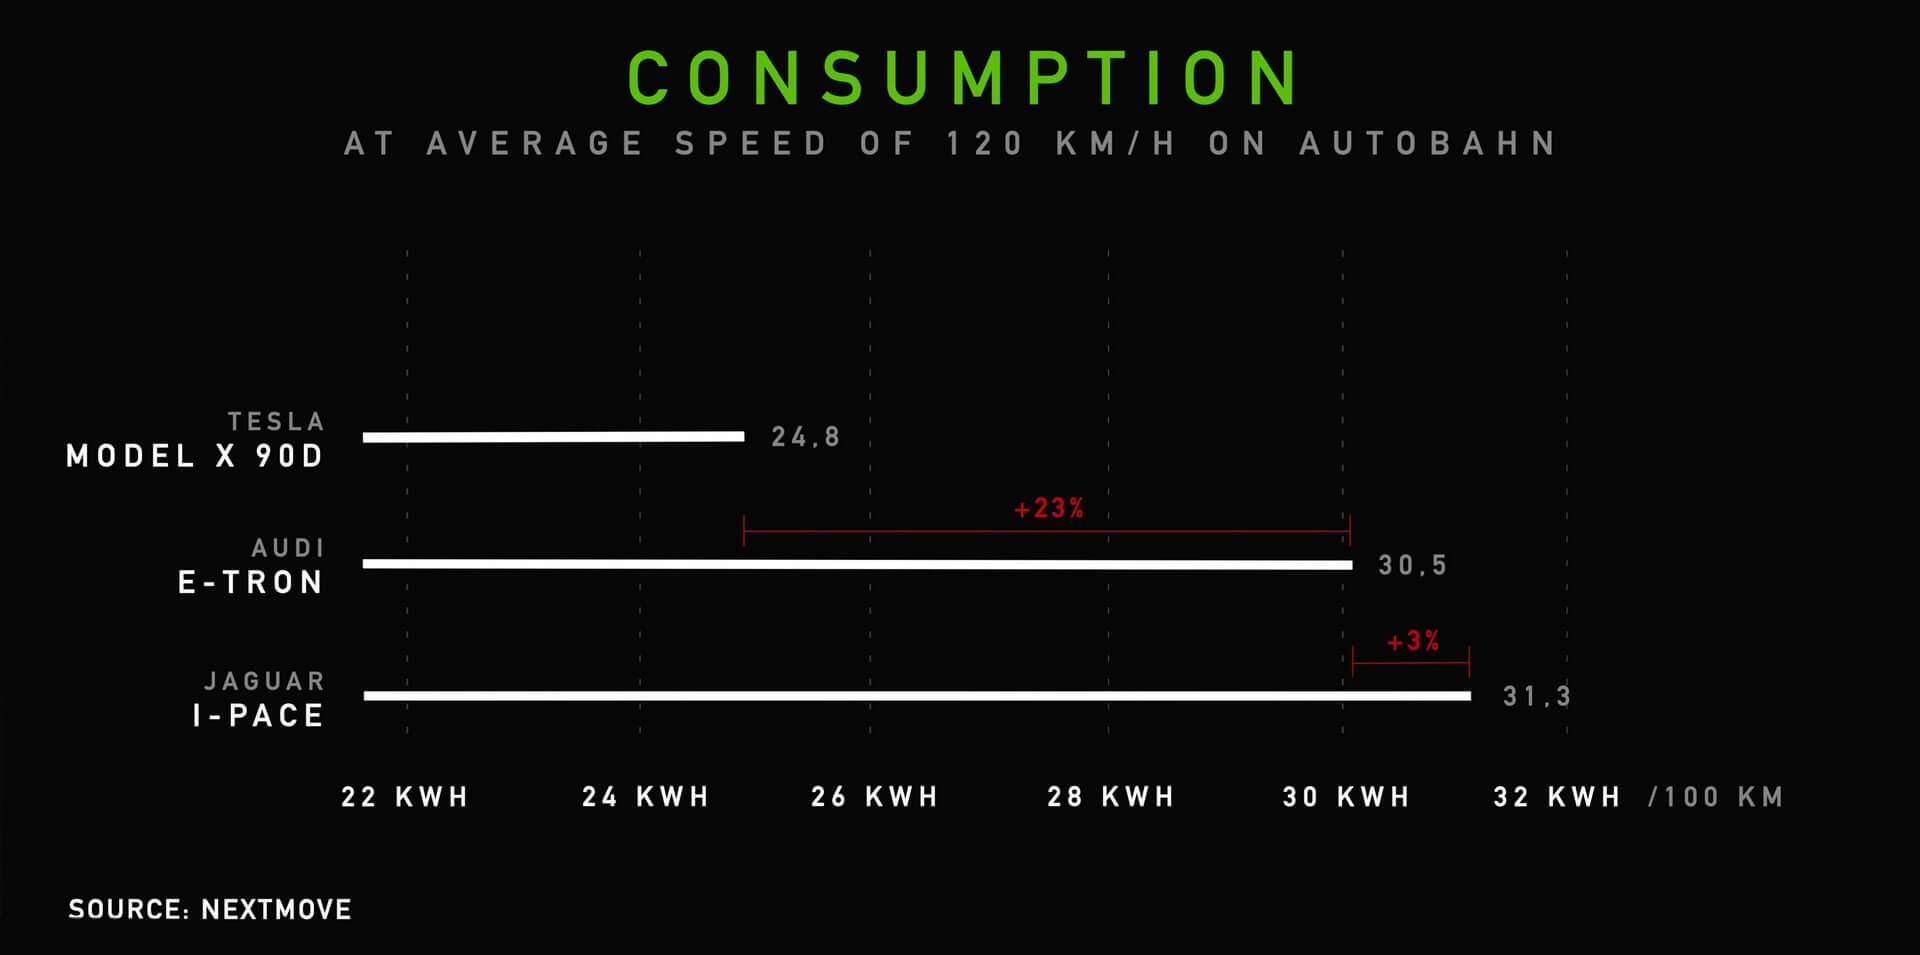 Потребление энергии электрокроссоверами при скорости 120км/ч на автобане